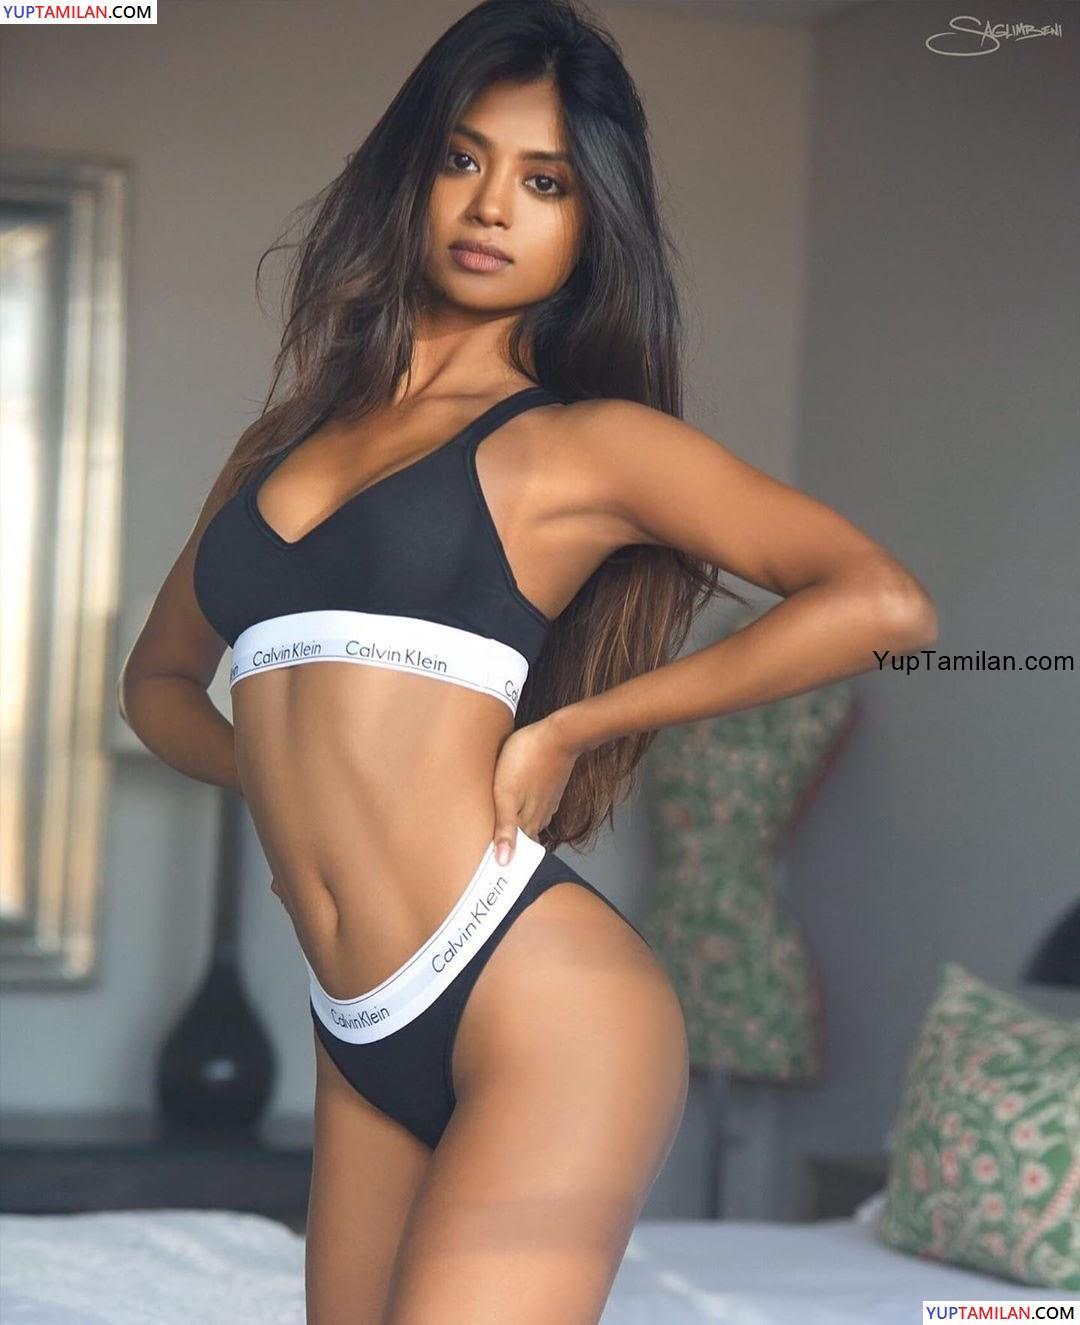 Shaun Romy Bikini Images HD